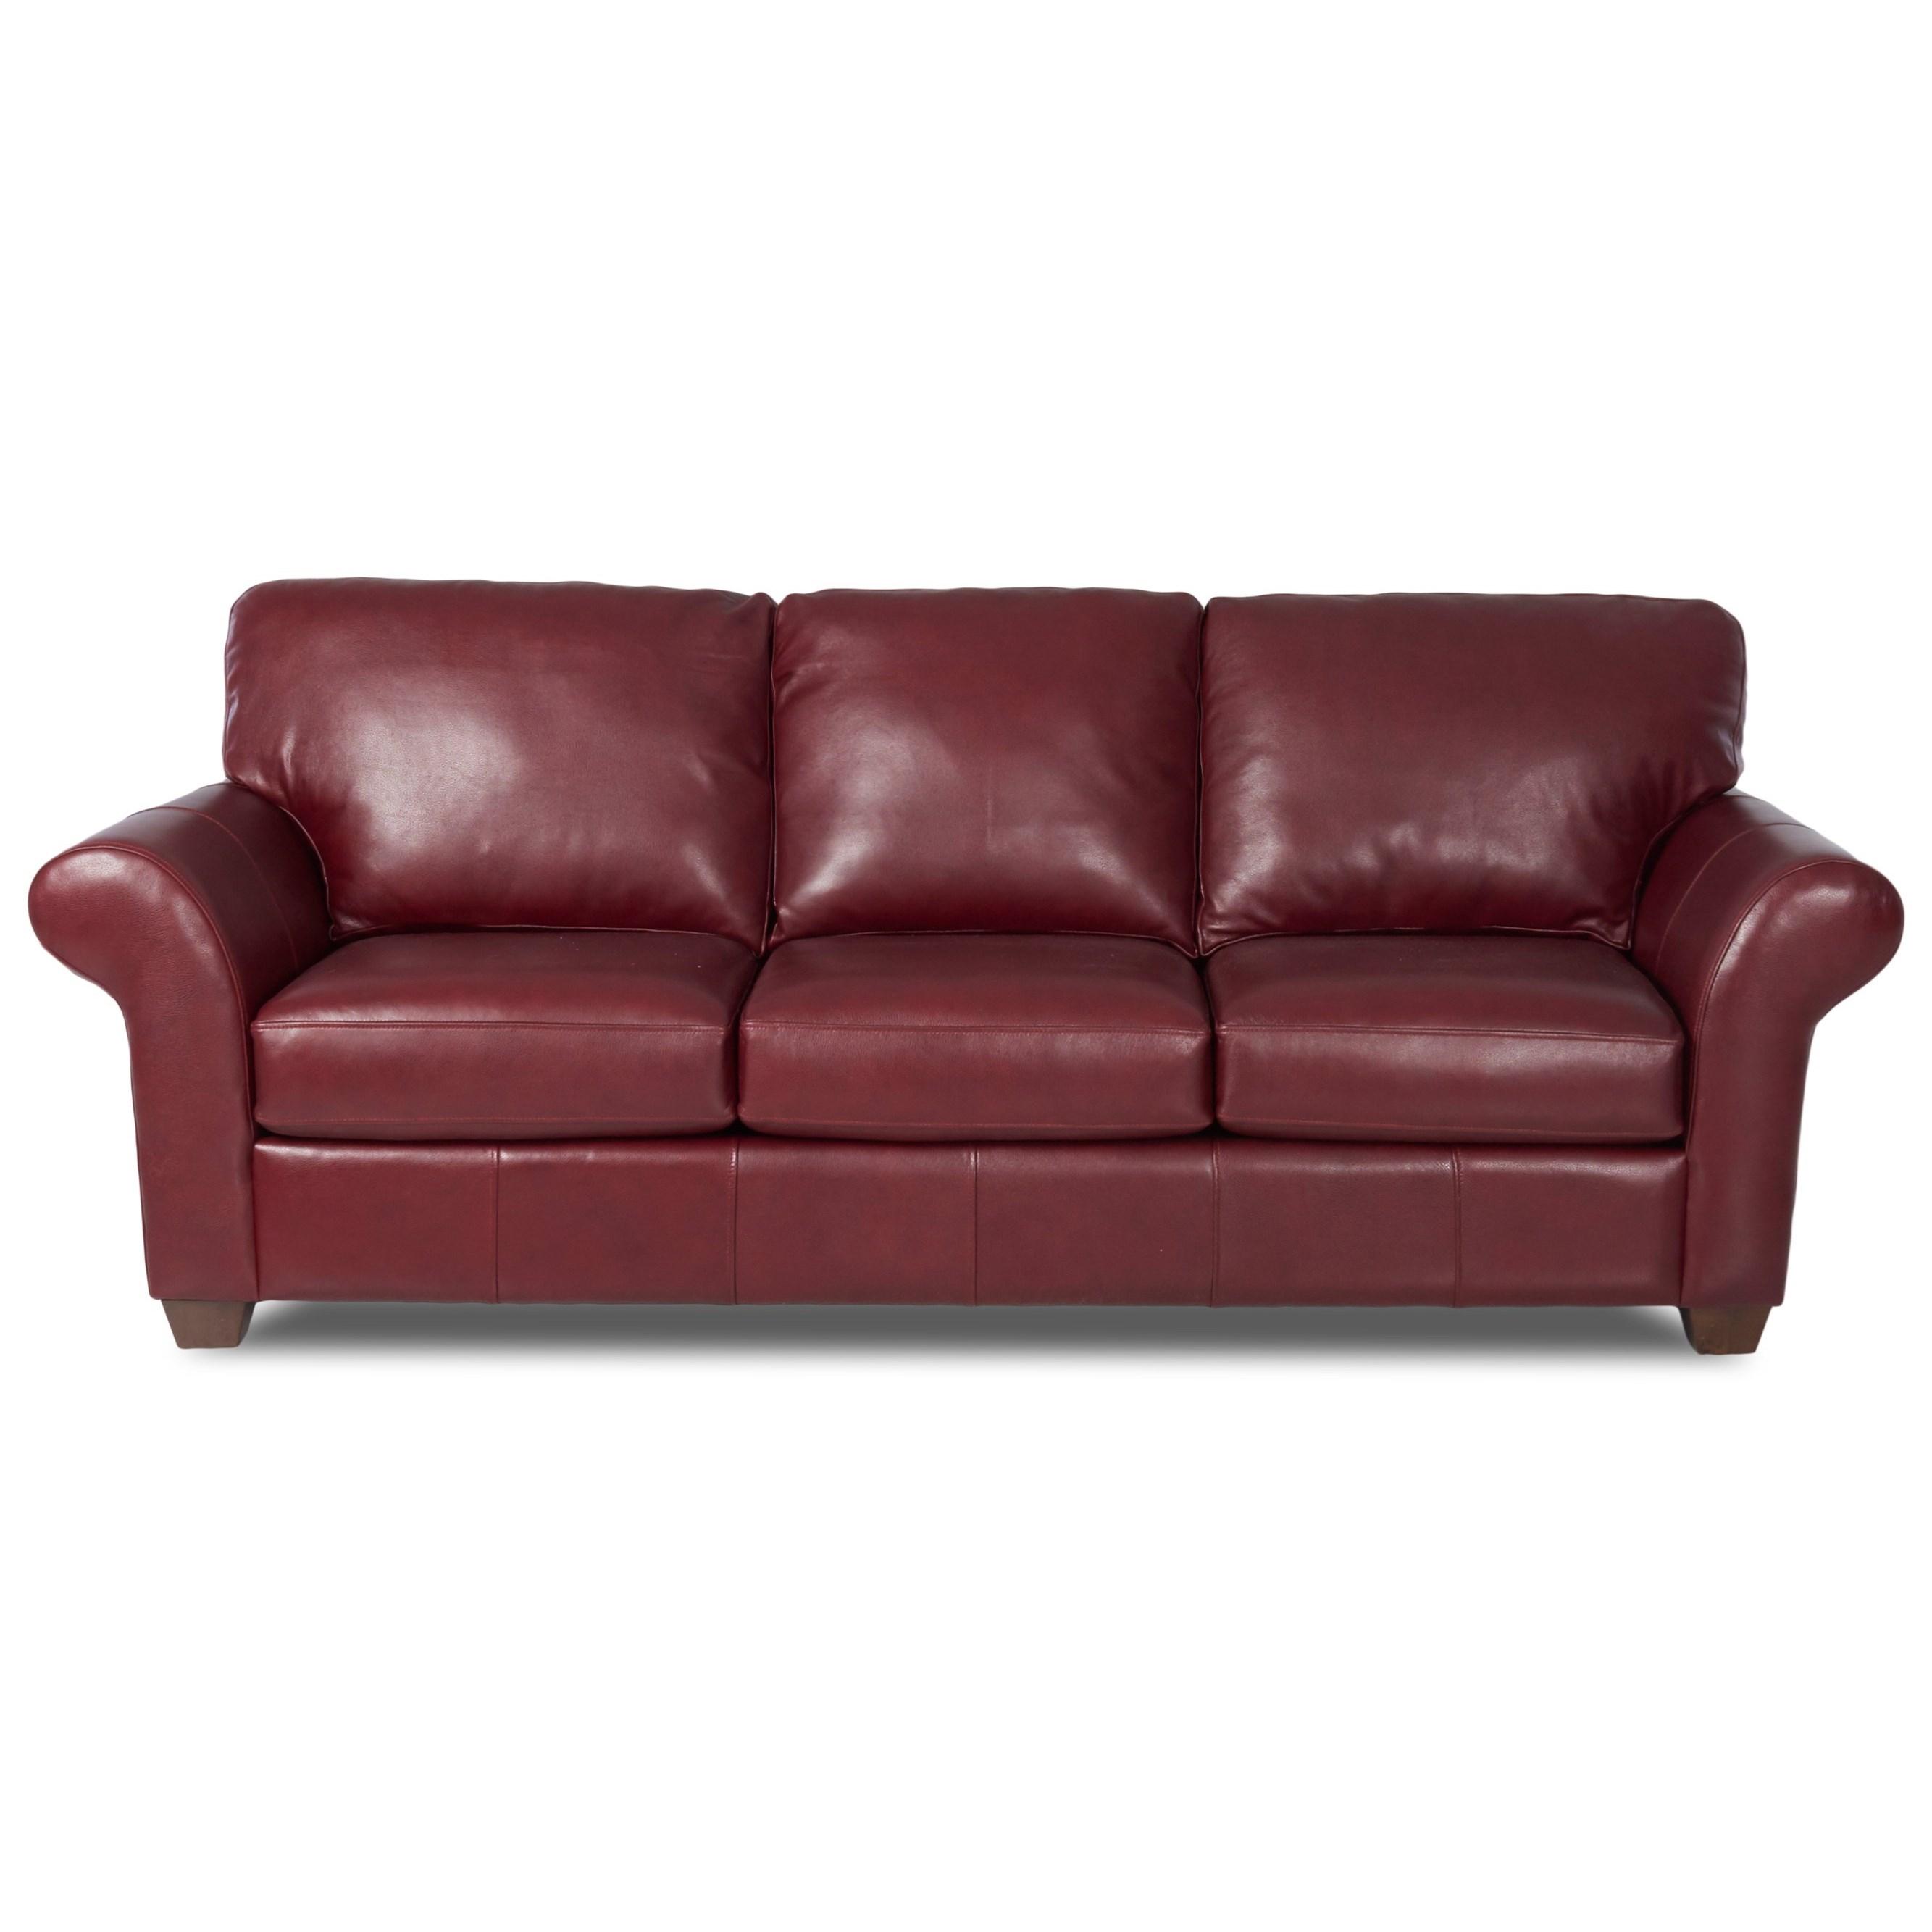 Peachy Moorland Sofa Inzonedesignstudio Interior Chair Design Inzonedesignstudiocom